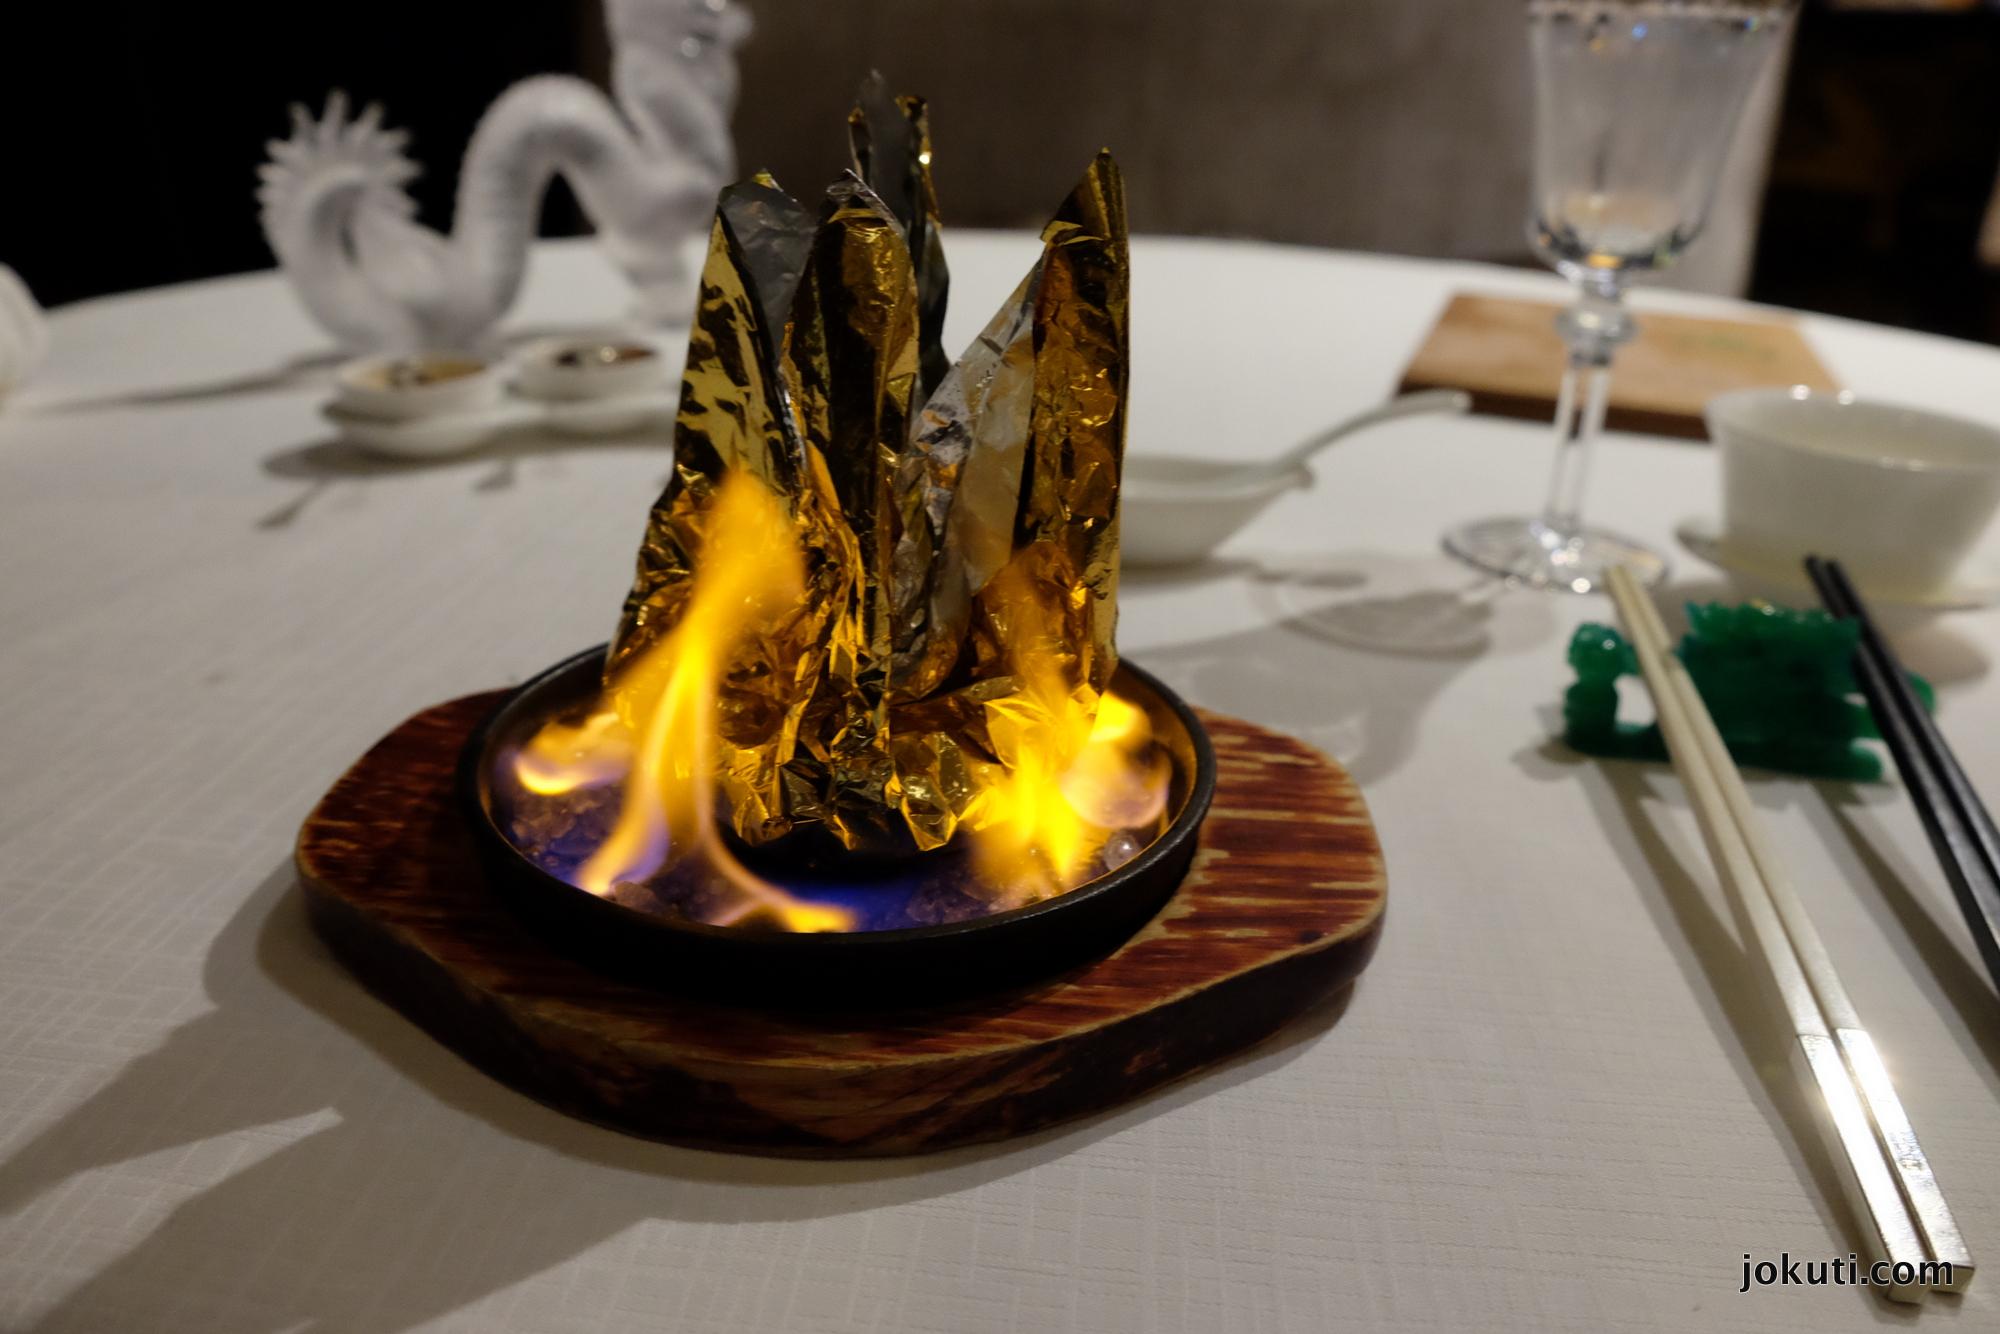 dscf6903_jade_dragon_restaurant_cantonese_chinese_michelin_macau_makao_china_kinai_vilagevo_jokuti.jpg